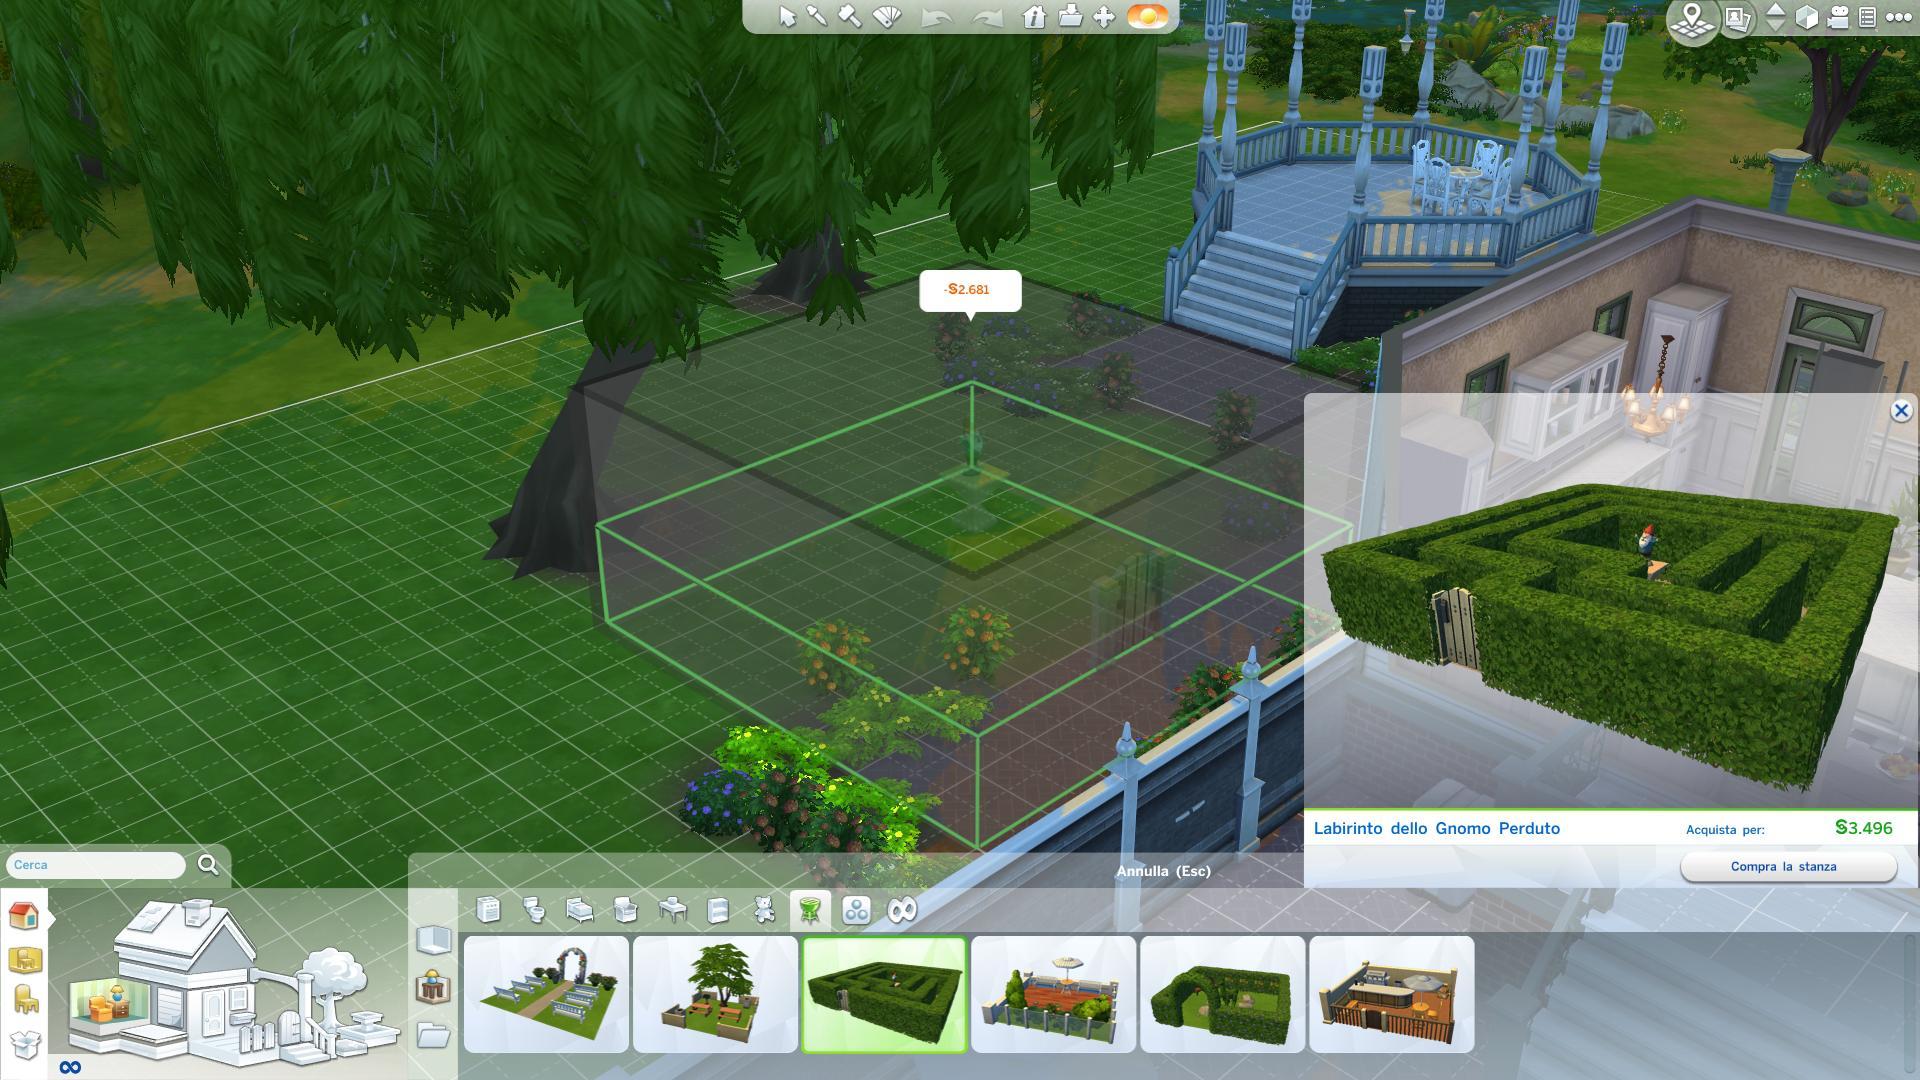 The sims 4 recensione pc for Costruisci i tuoi piccoli piani di casa